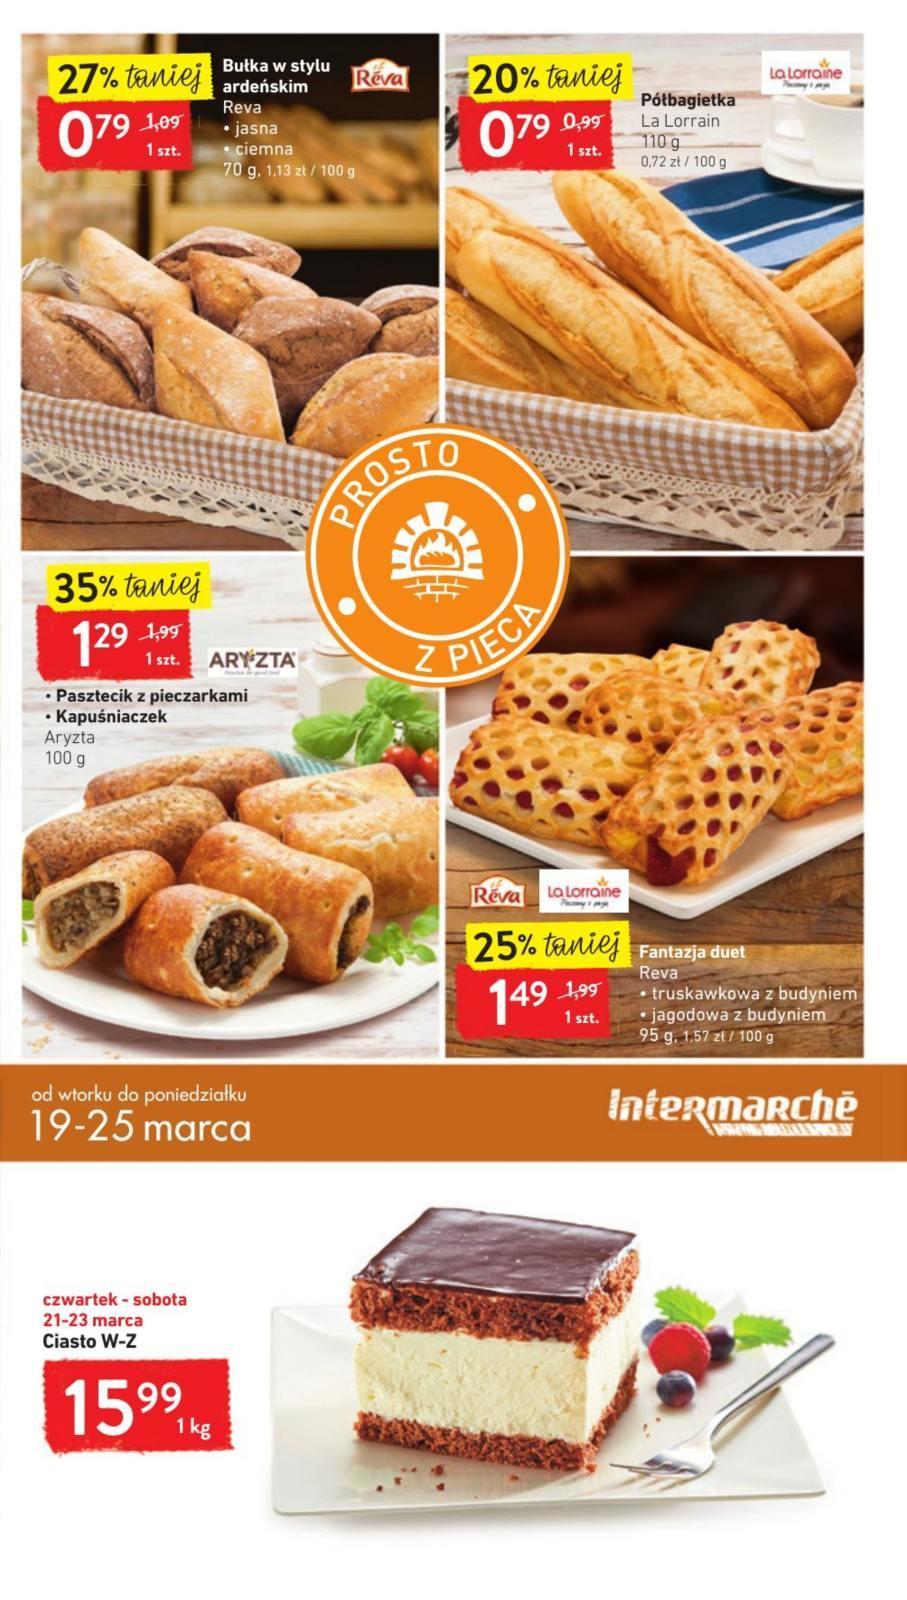 Gazetka promocyjna Intermarche do 25/03/2019 str.4